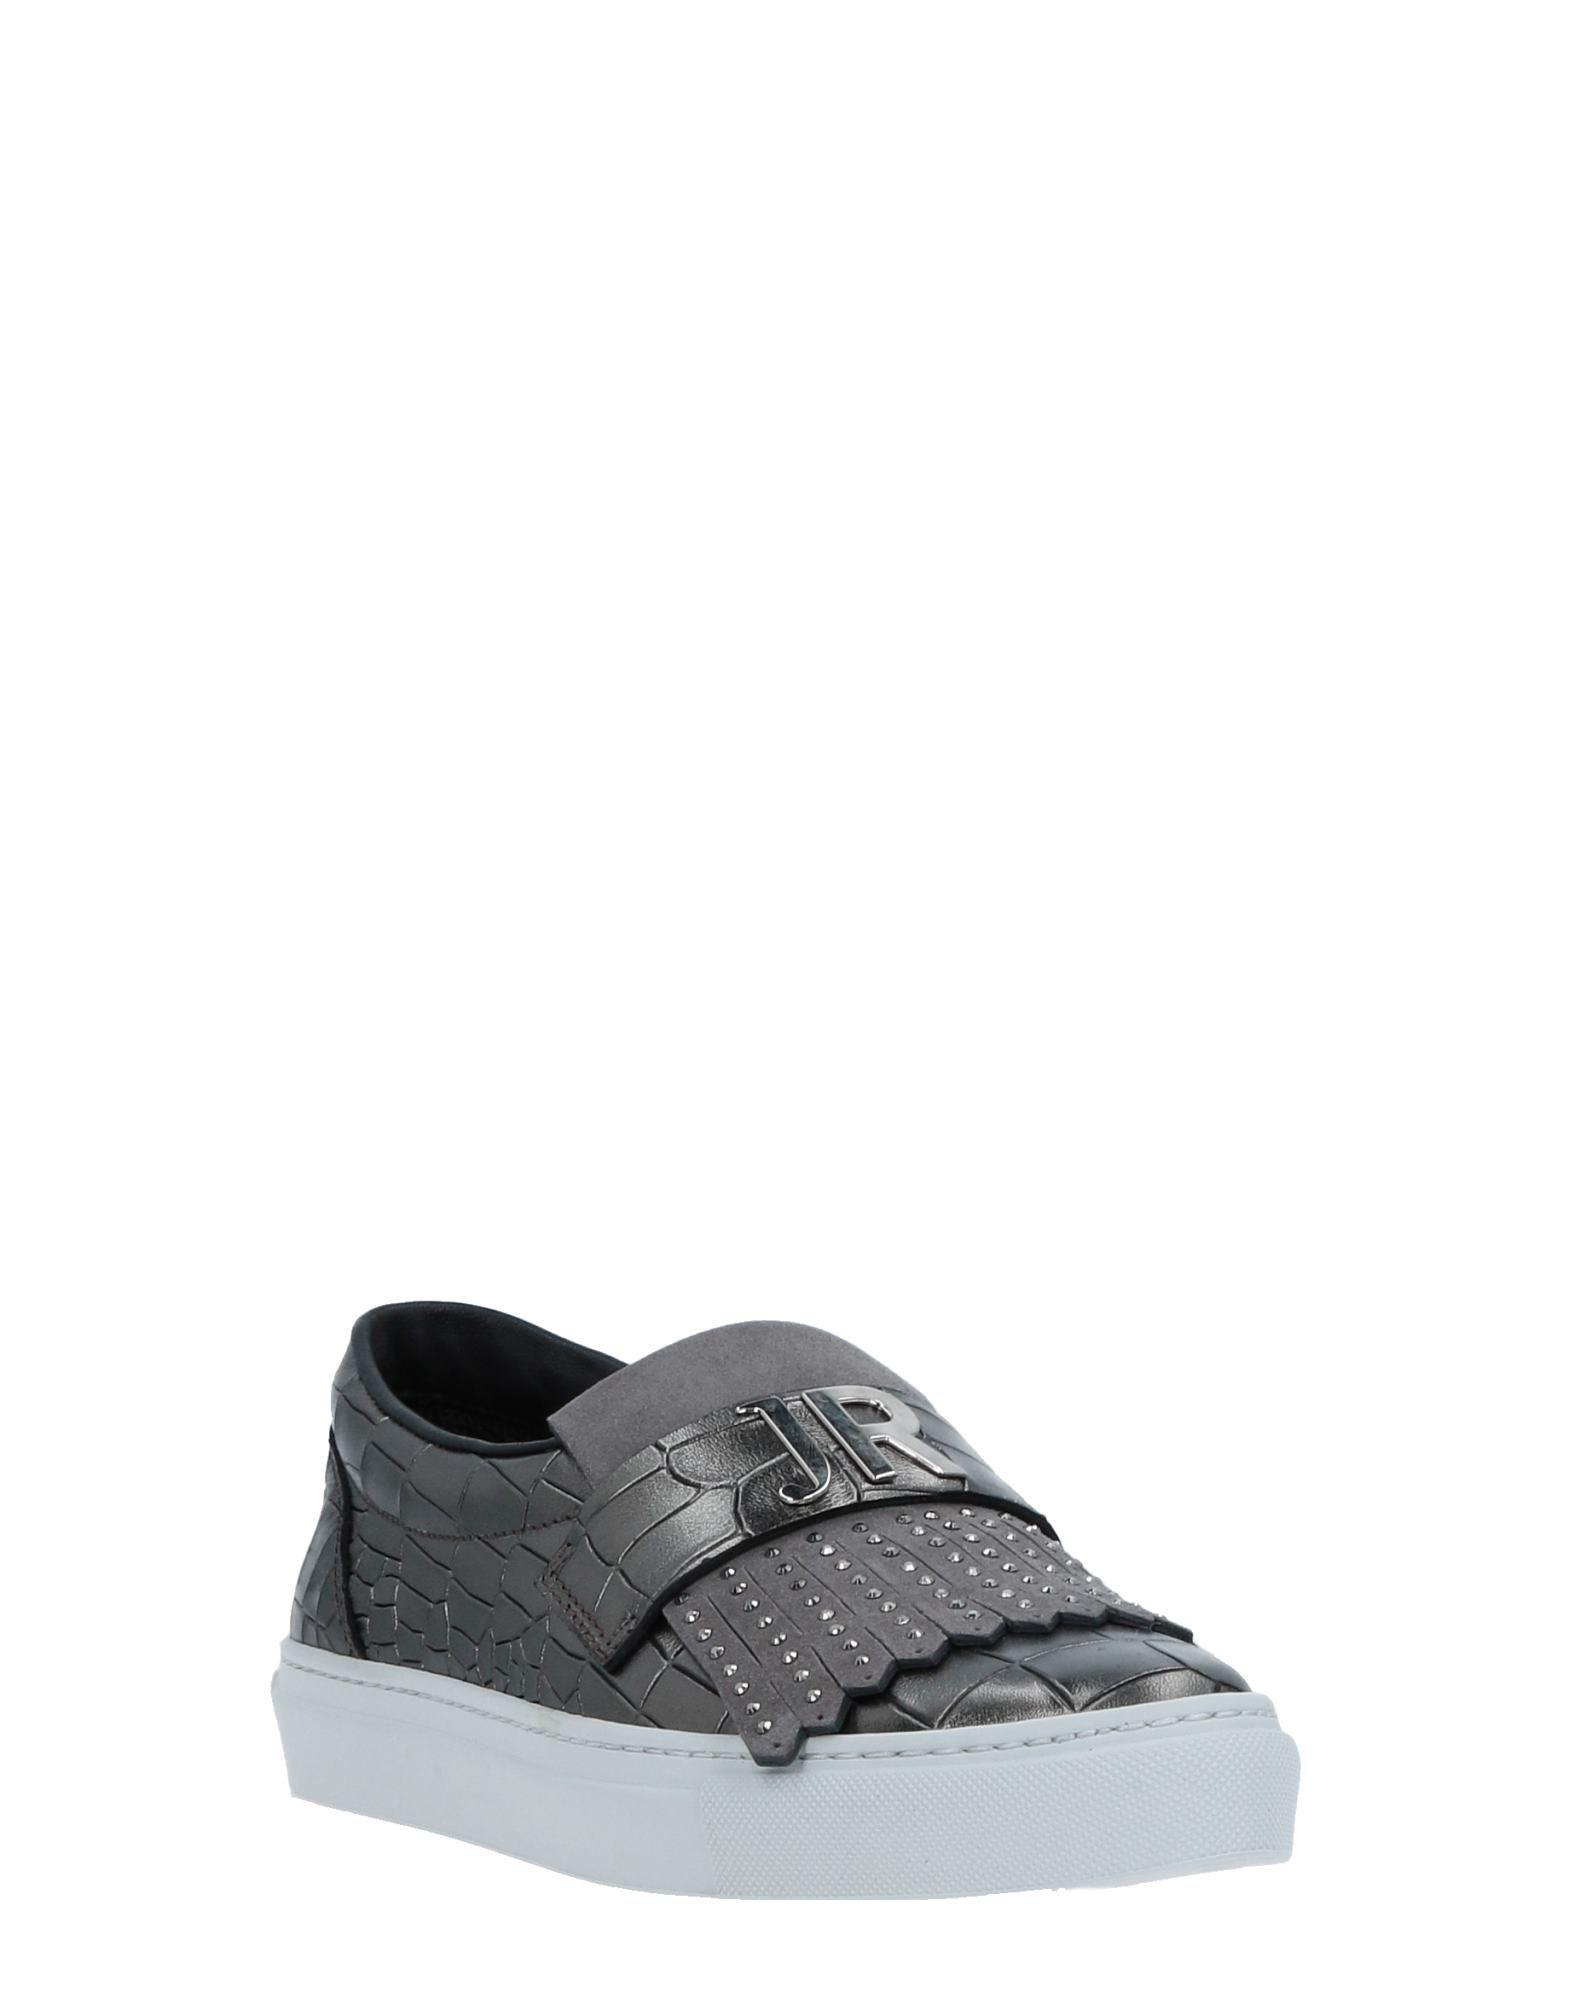 John Richmond Sneakers Damen strapazierfähige  11515636BFGut aussehende strapazierfähige Damen Schuhe 050441